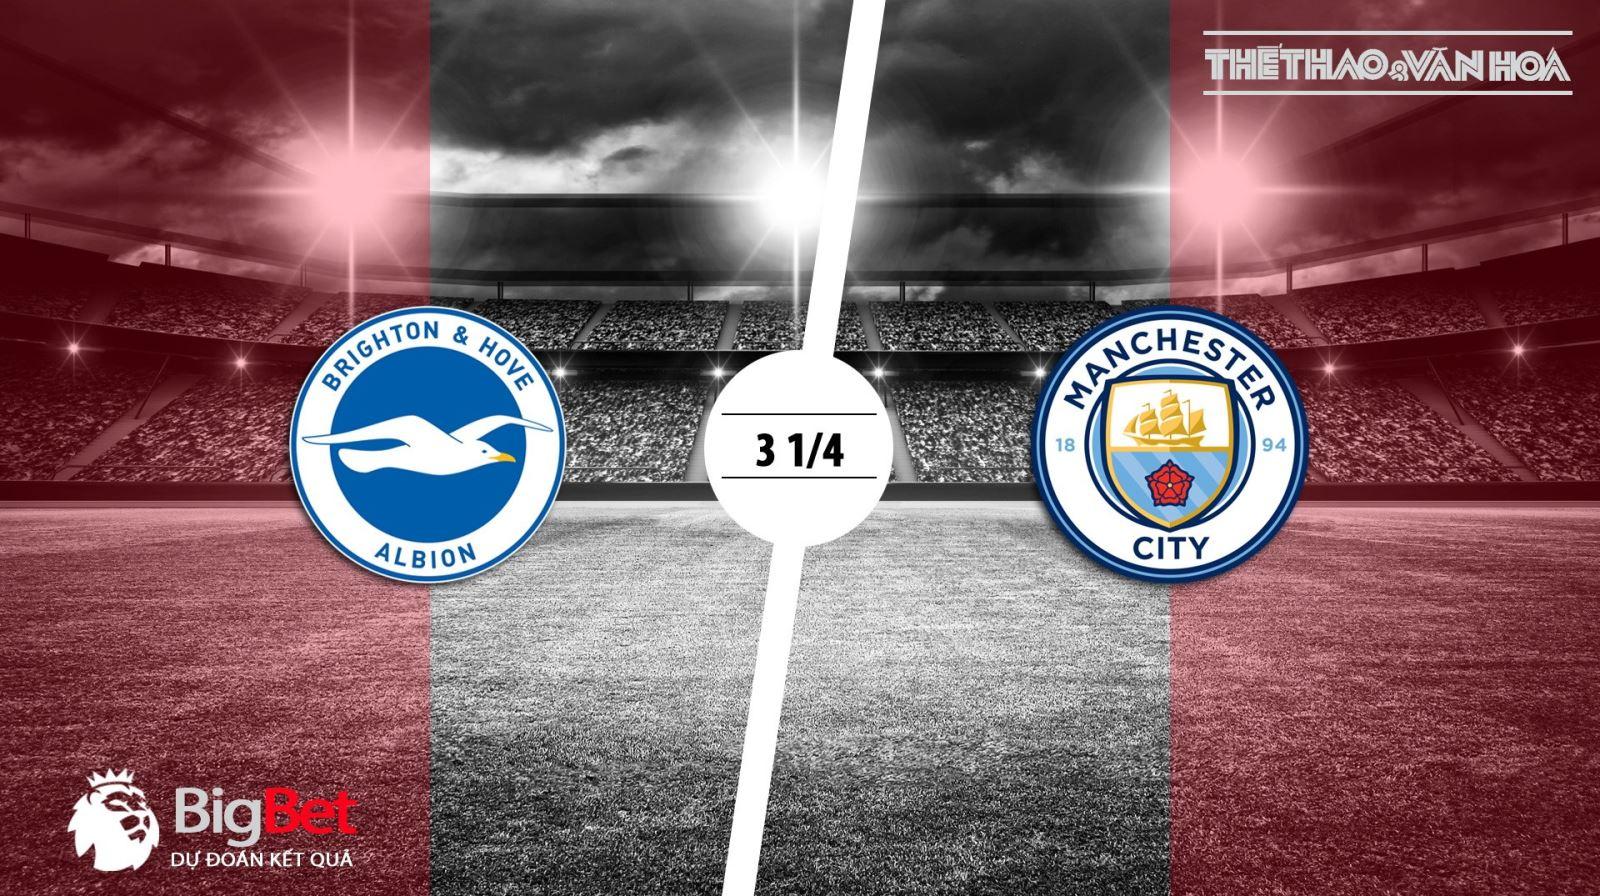 Brighton vs Man City, Brighton, Man City, man city, trực tiếp Brighton vs Man City, trực tiếp bóng đá, Ngoại hạng Anh, xem trực tiếp Brighton vs Man City ở đâu